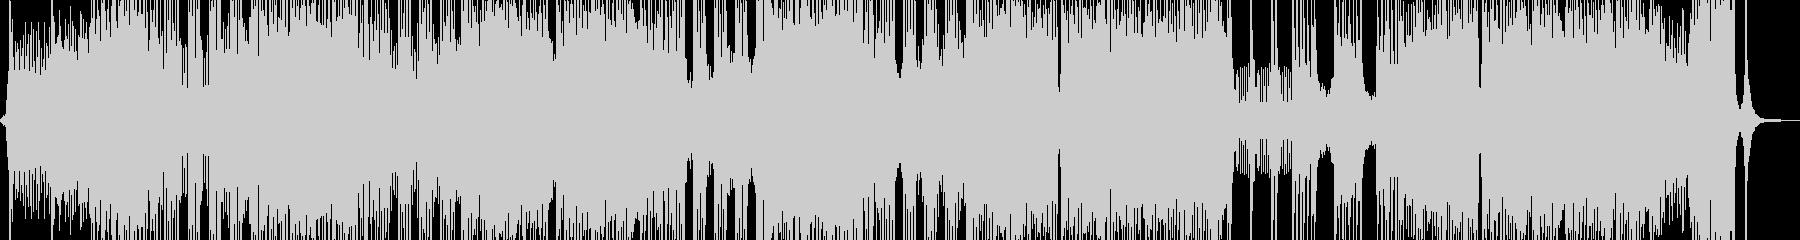 ボス戦・燃え盛るオーケストラ 長尺の未再生の波形